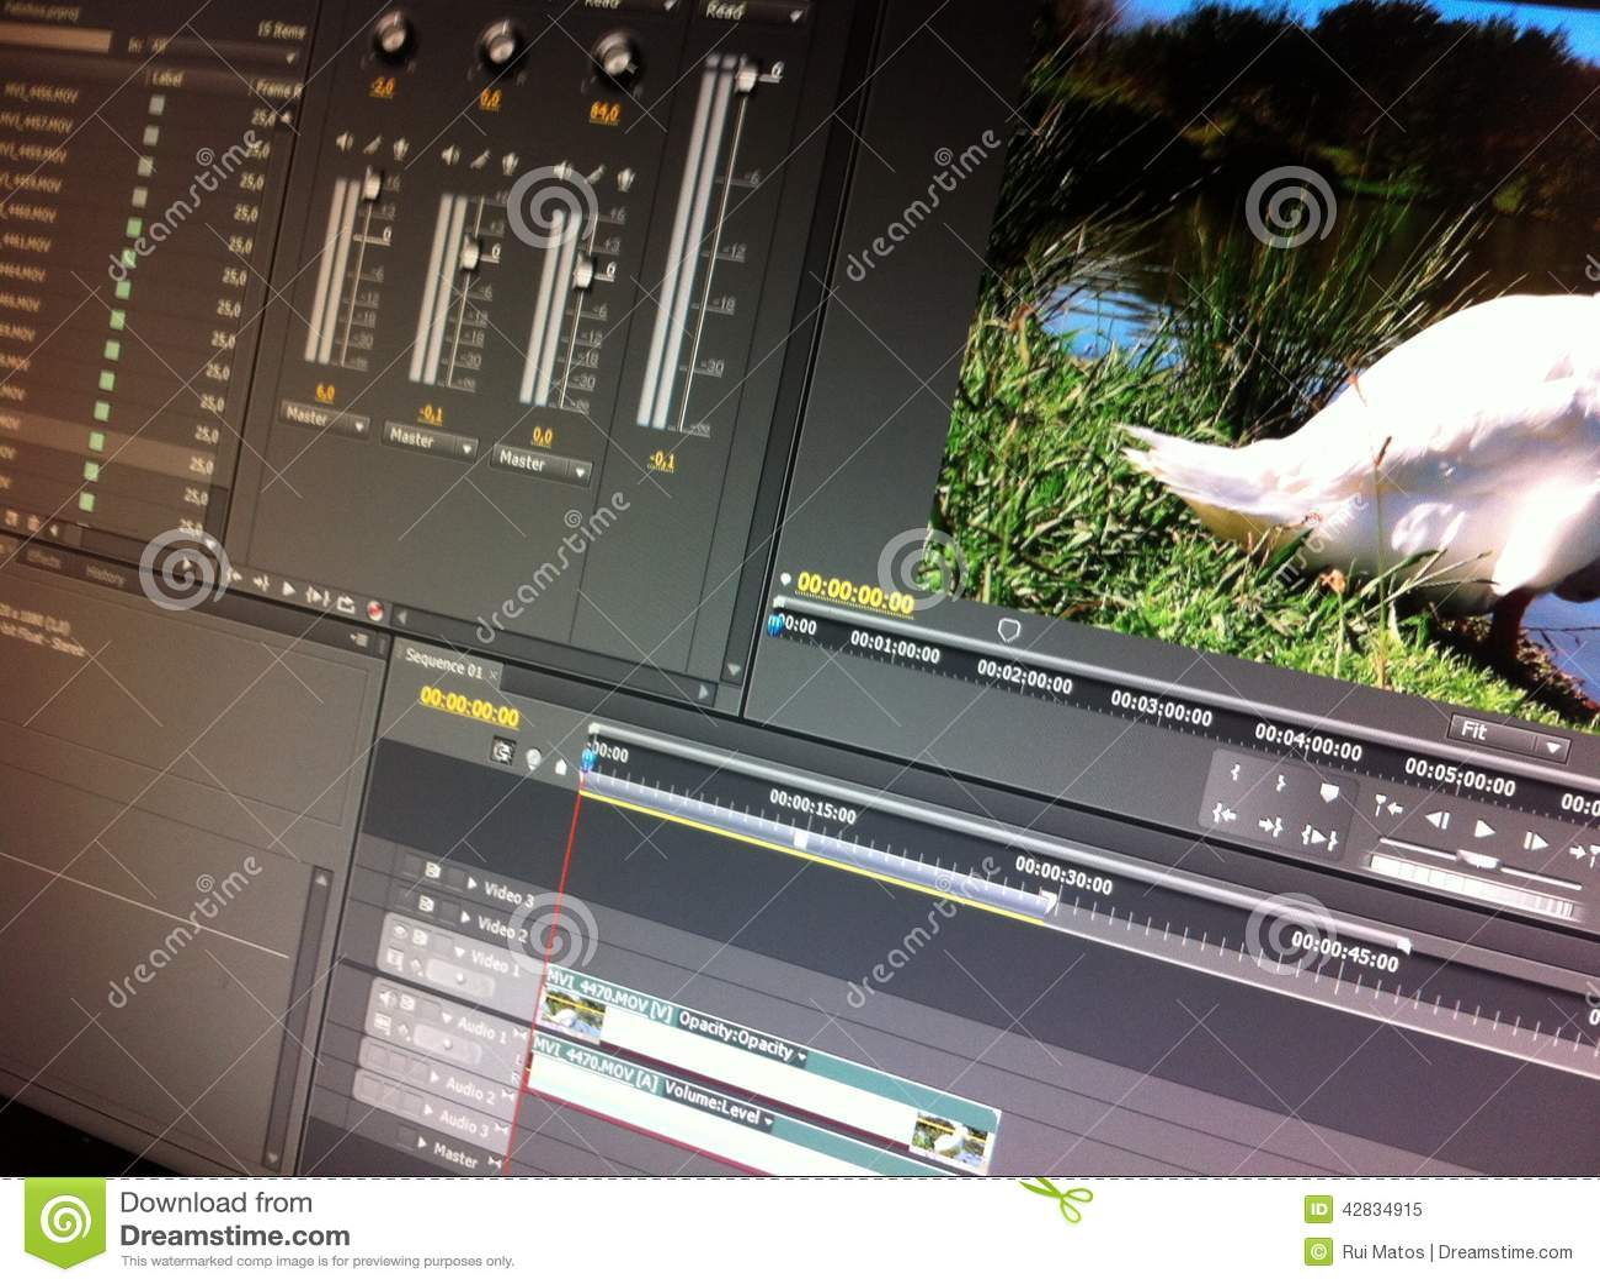 Vídeo que corrige software